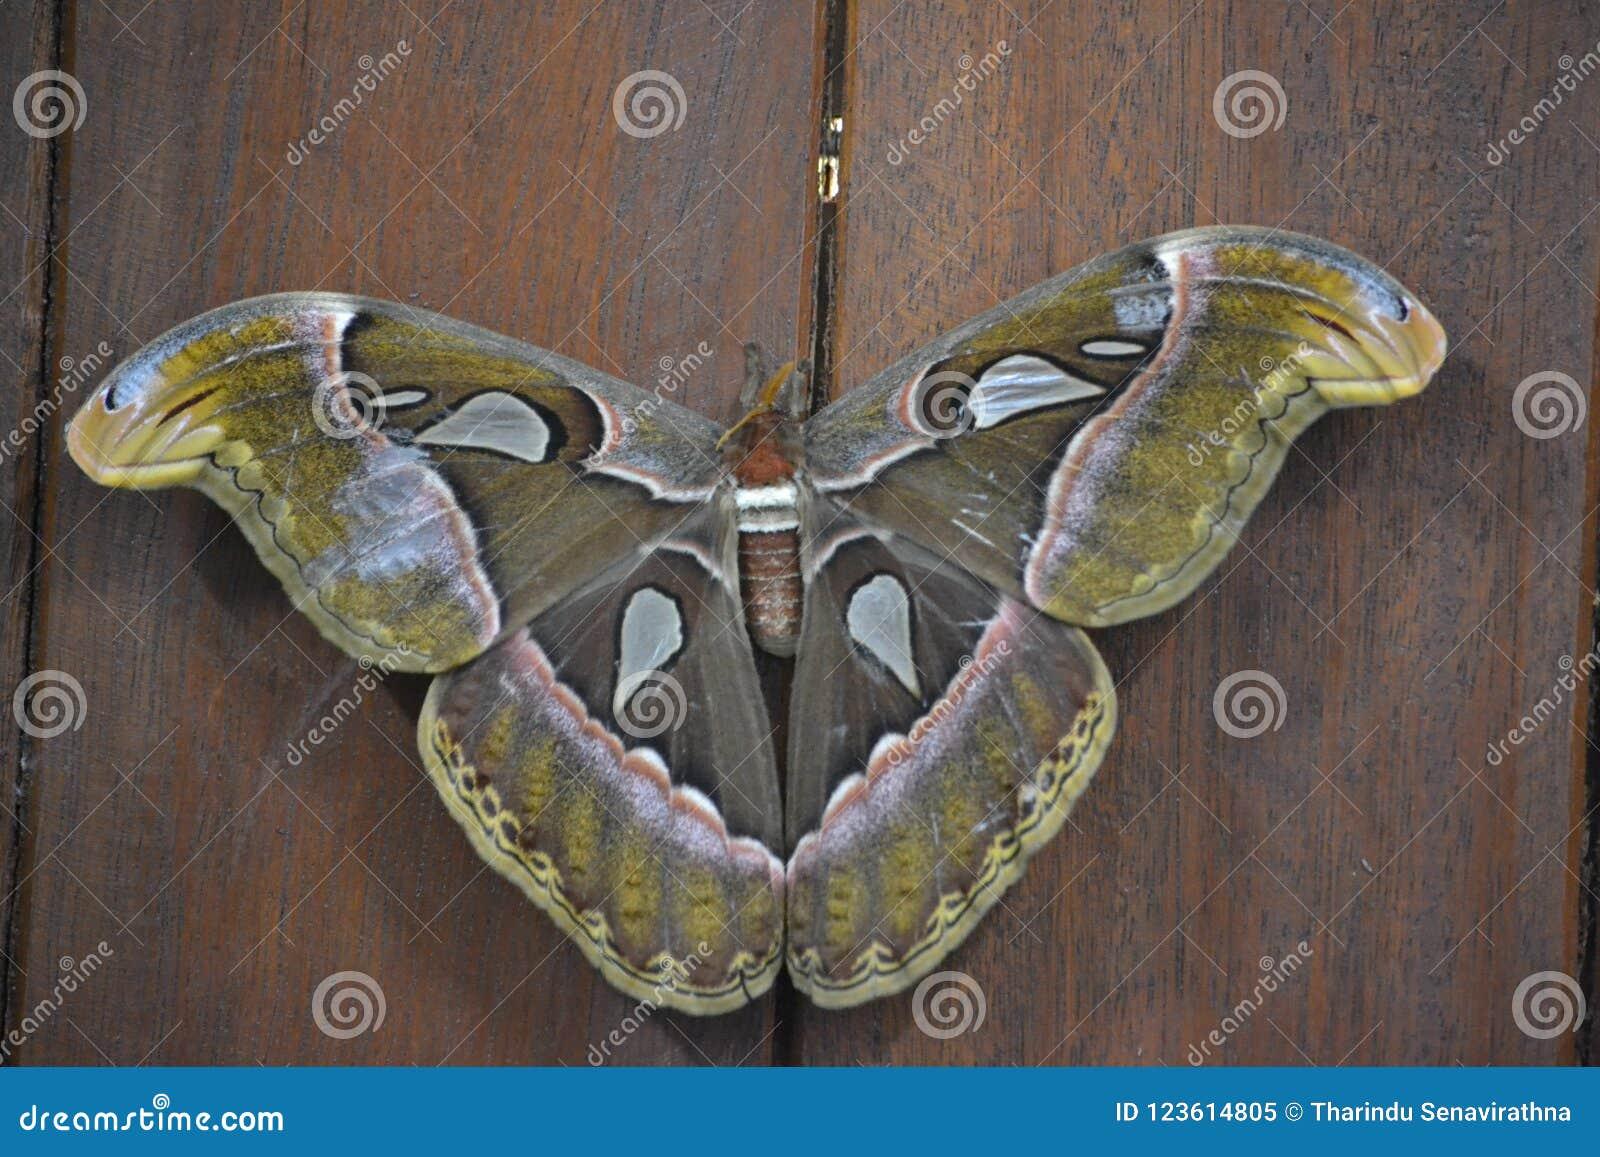 Atlas - a borboleta da traça é o ` cingalês s que o Biggestfather é grande esperança de vida é alto No mais de baixo nível